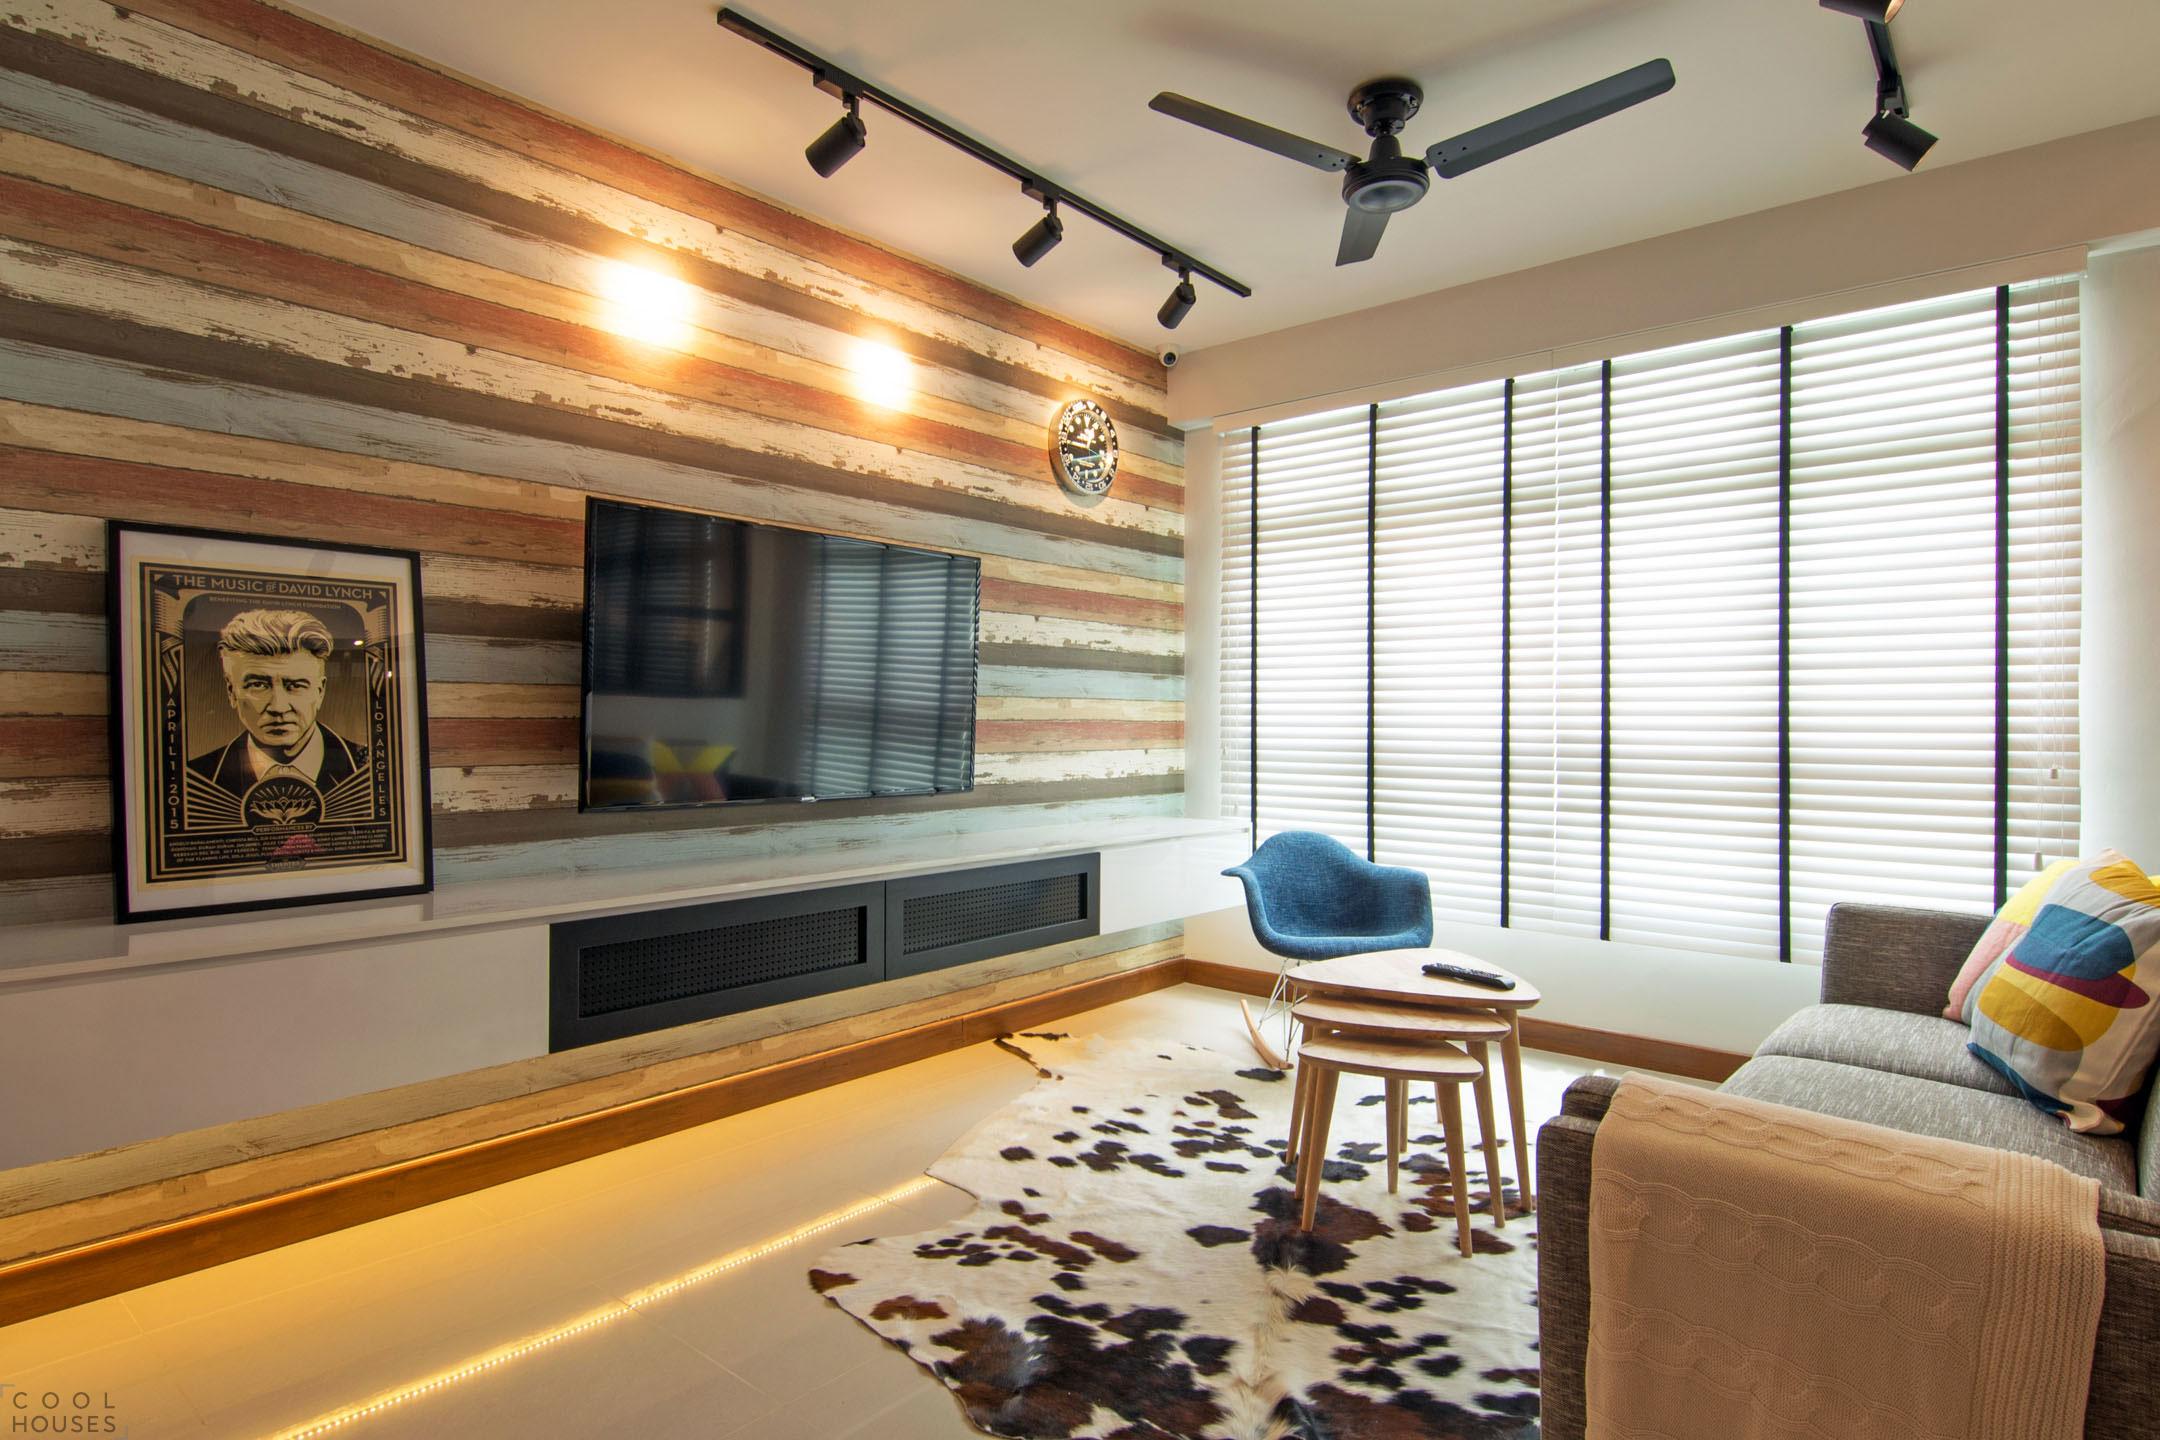 Элегантная квартира с элементами промышленного стиля в Сингапуре